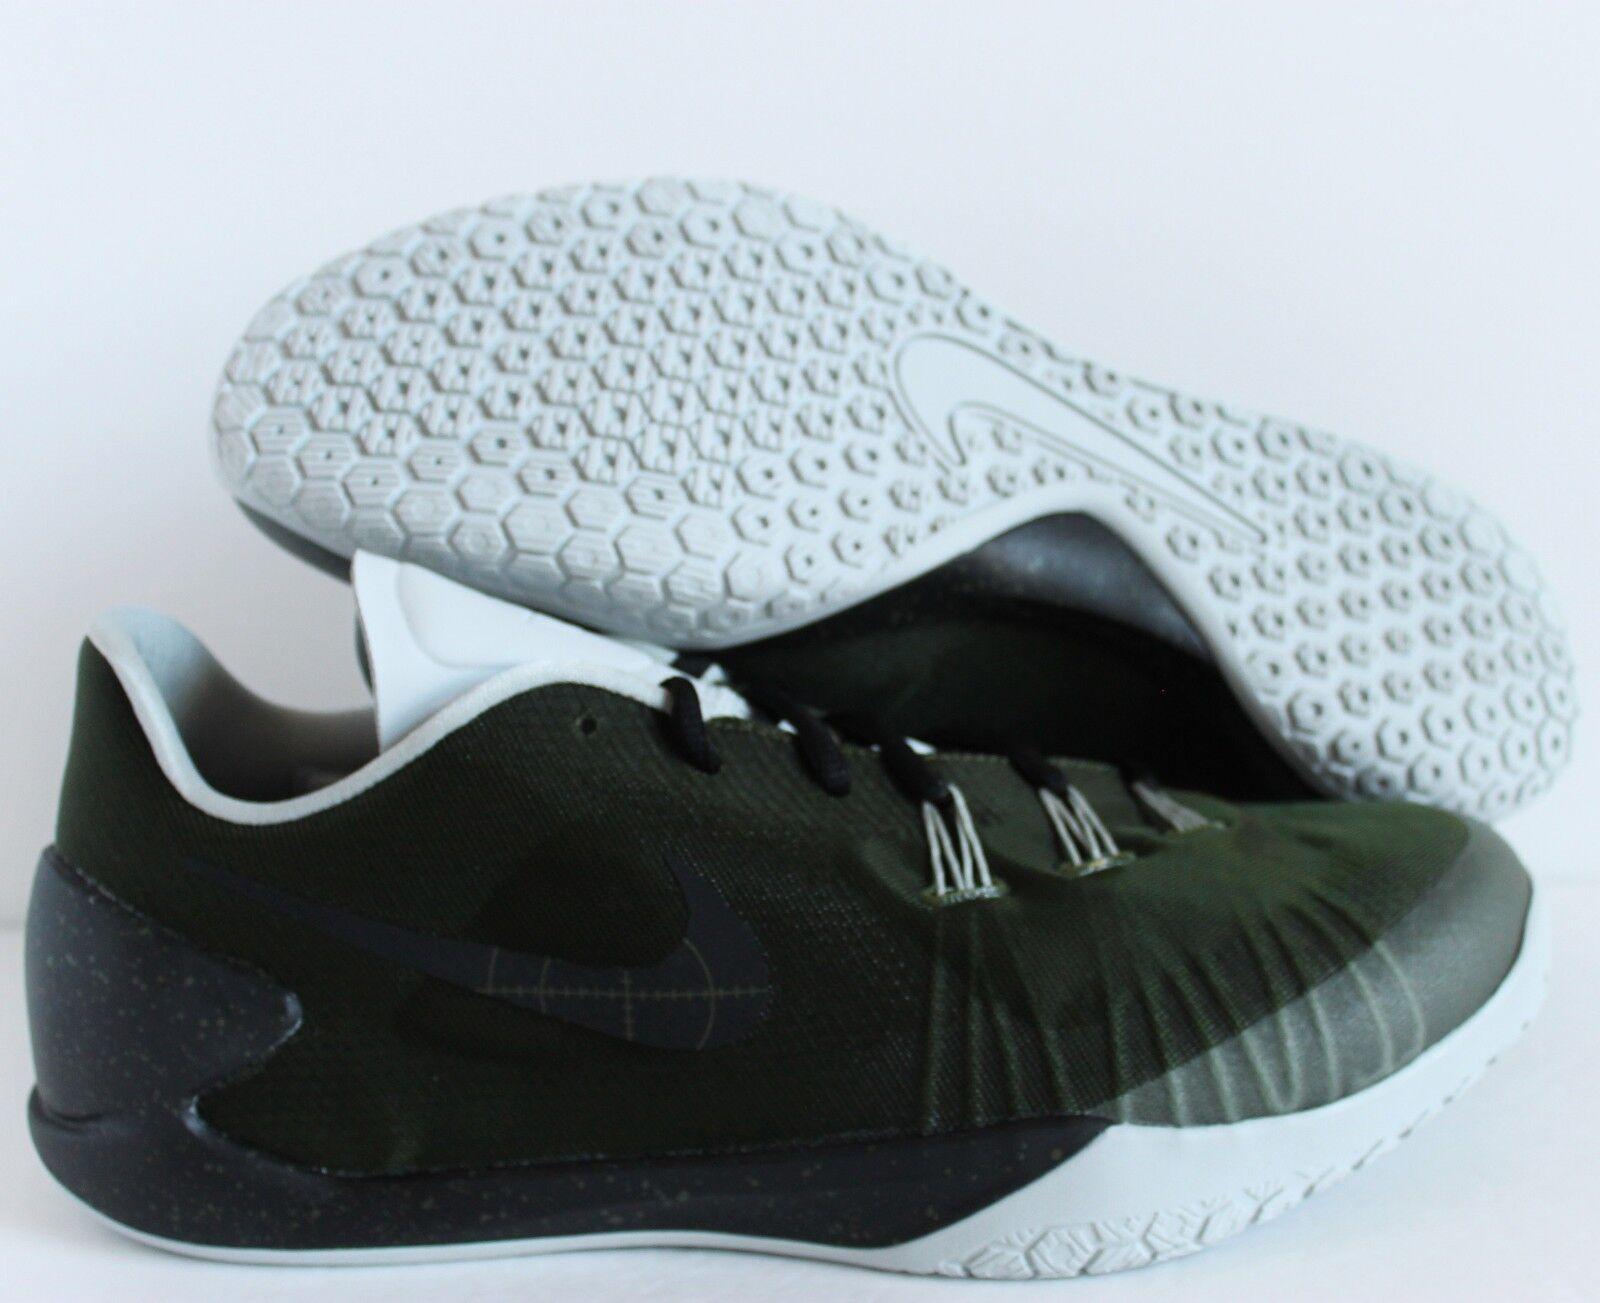 Nike fragmento Hombres Hiper Caza Sp fragmento Nike áspero verdenegro [789486300] d2be4b